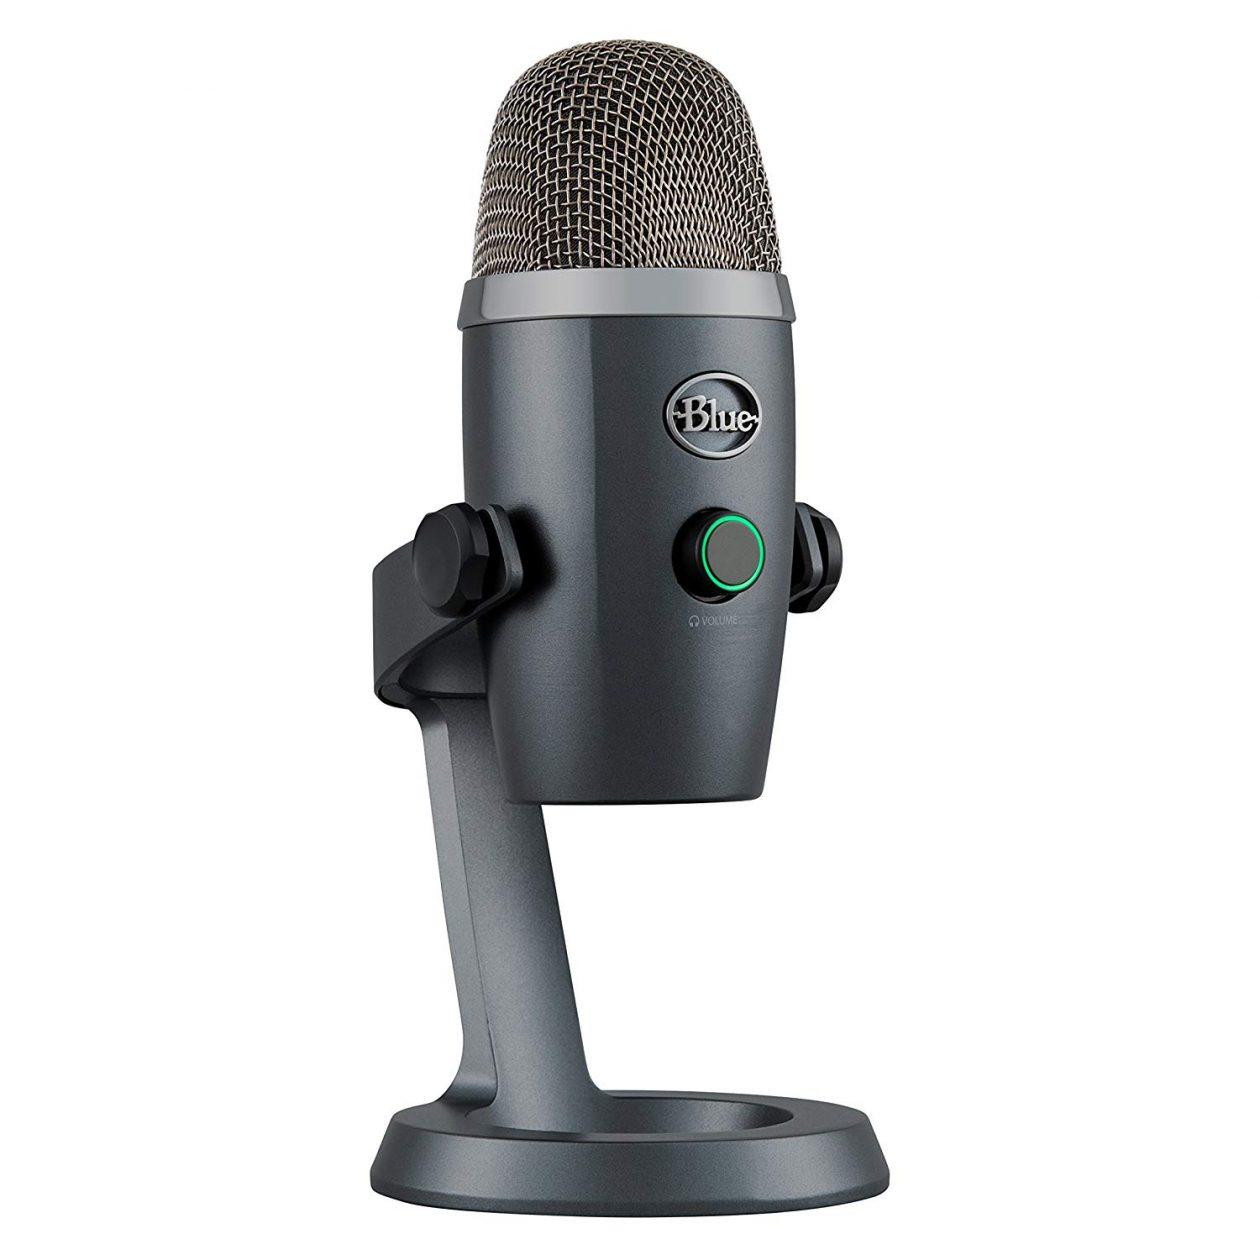 Blue lança versão mais barata do microfone USB Yeti para Macs e PCs